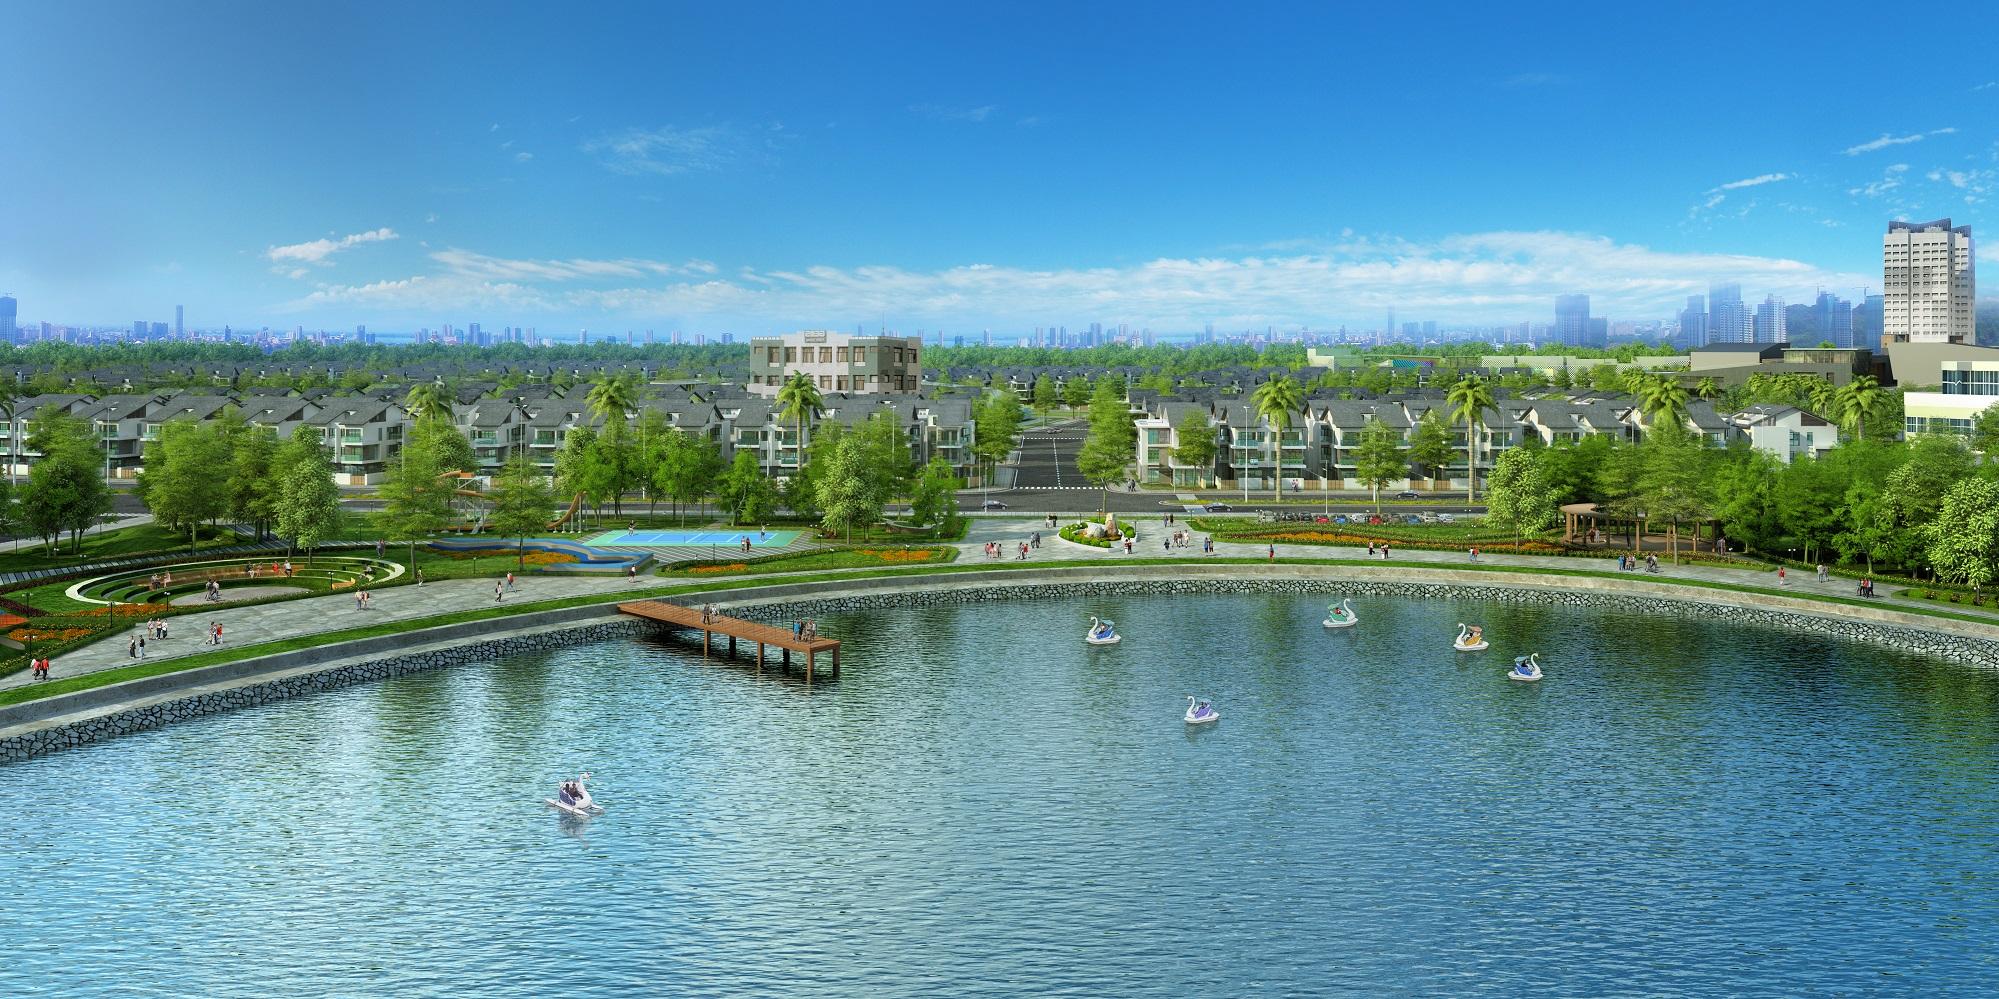 Hồ nhìn vào khu An Vượng